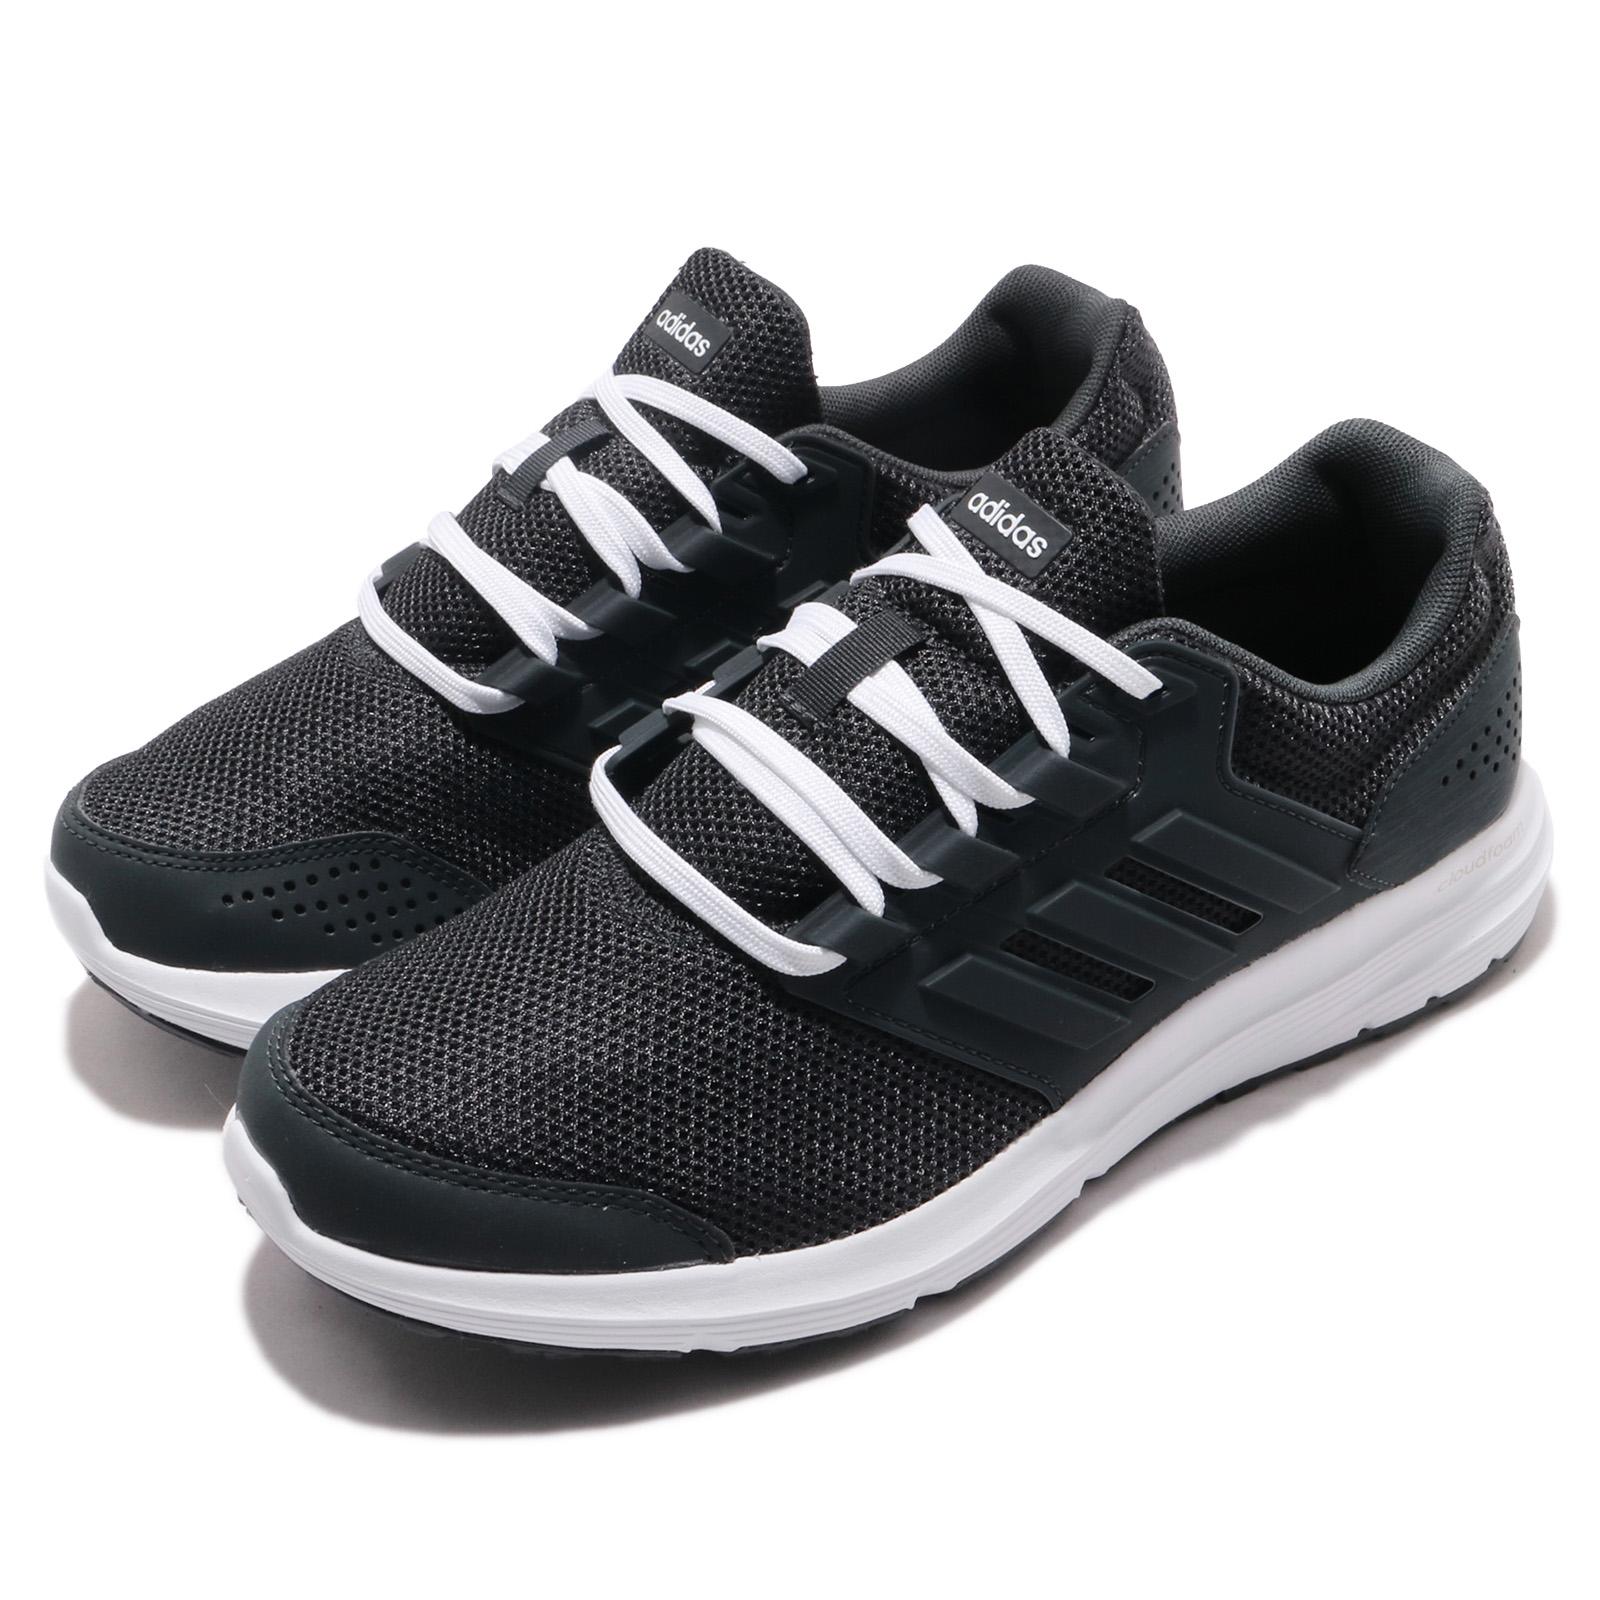 adidas 慢跑鞋 Galaxy 4 低筒 運動 女鞋 CP8833